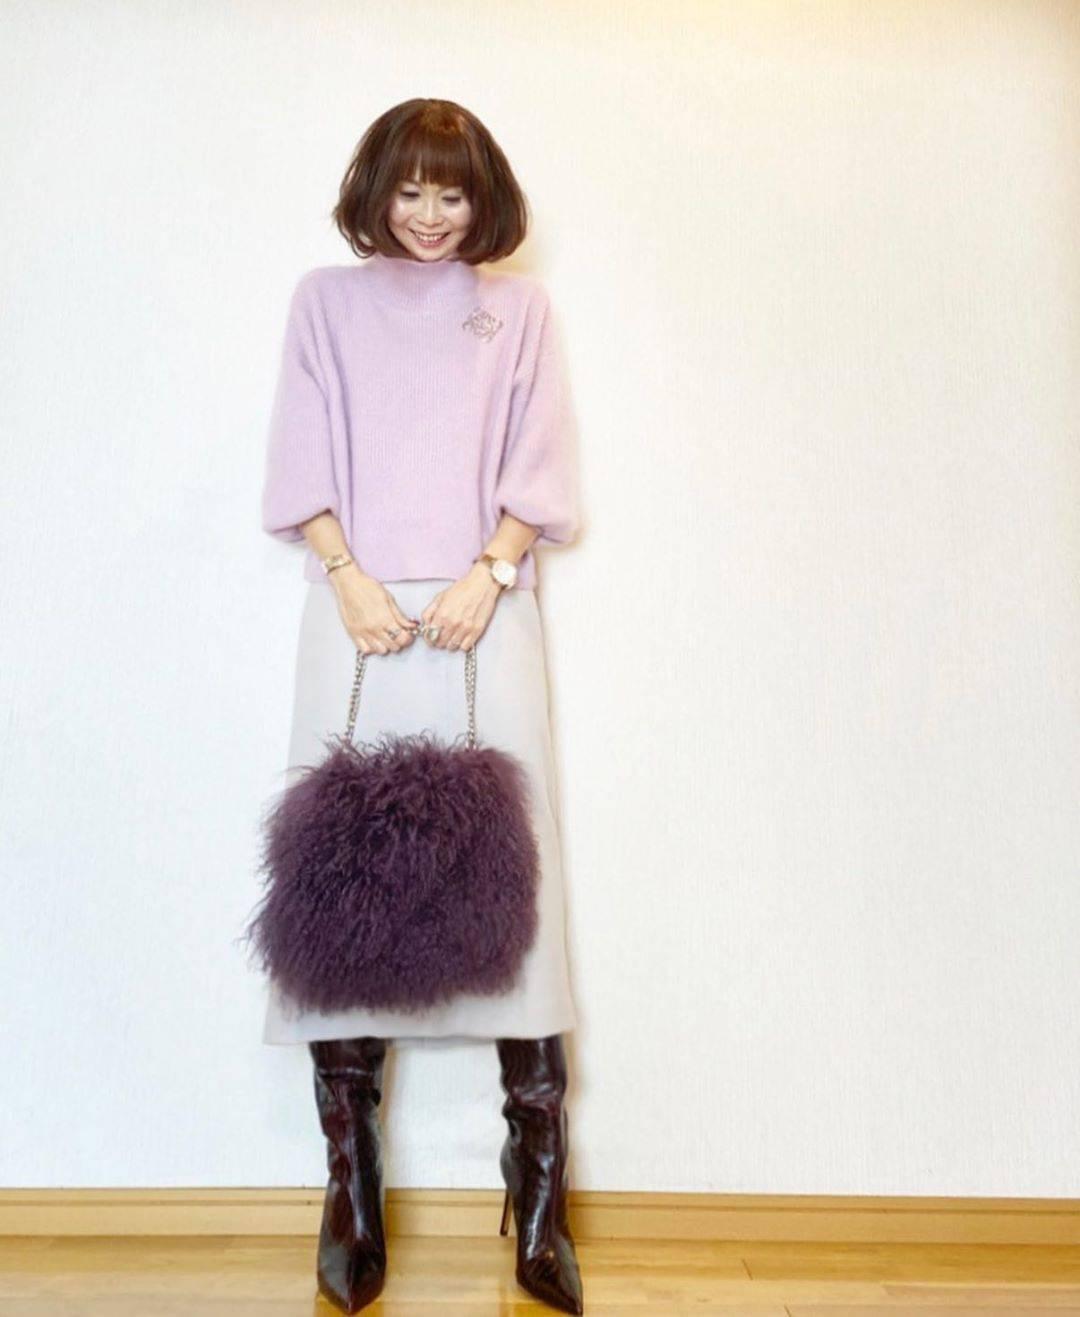 最高気温11度・最低気温1度 acmee.chiyoの服装